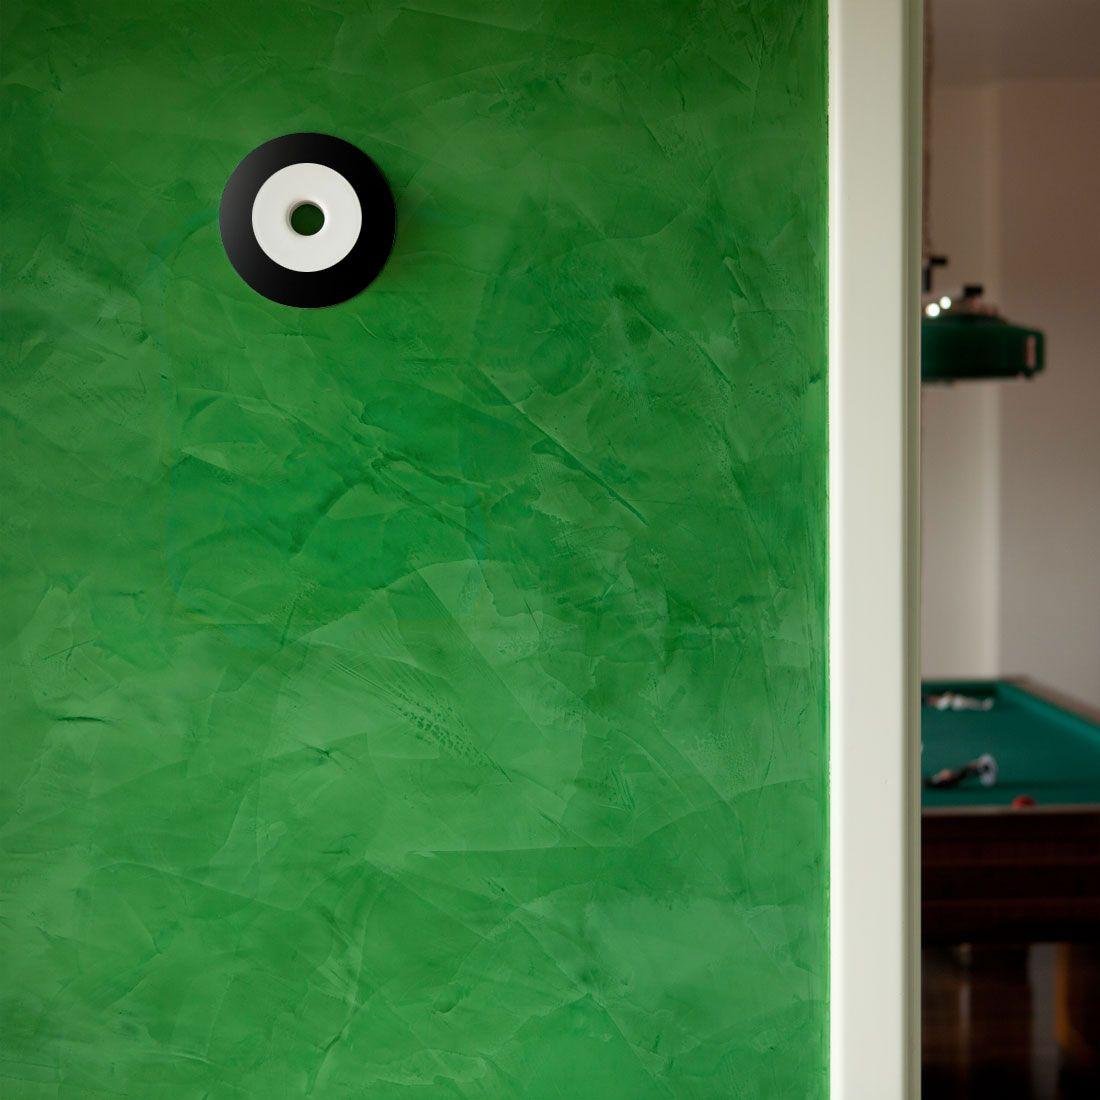 PLA Filament | Color: Fluorescent Green